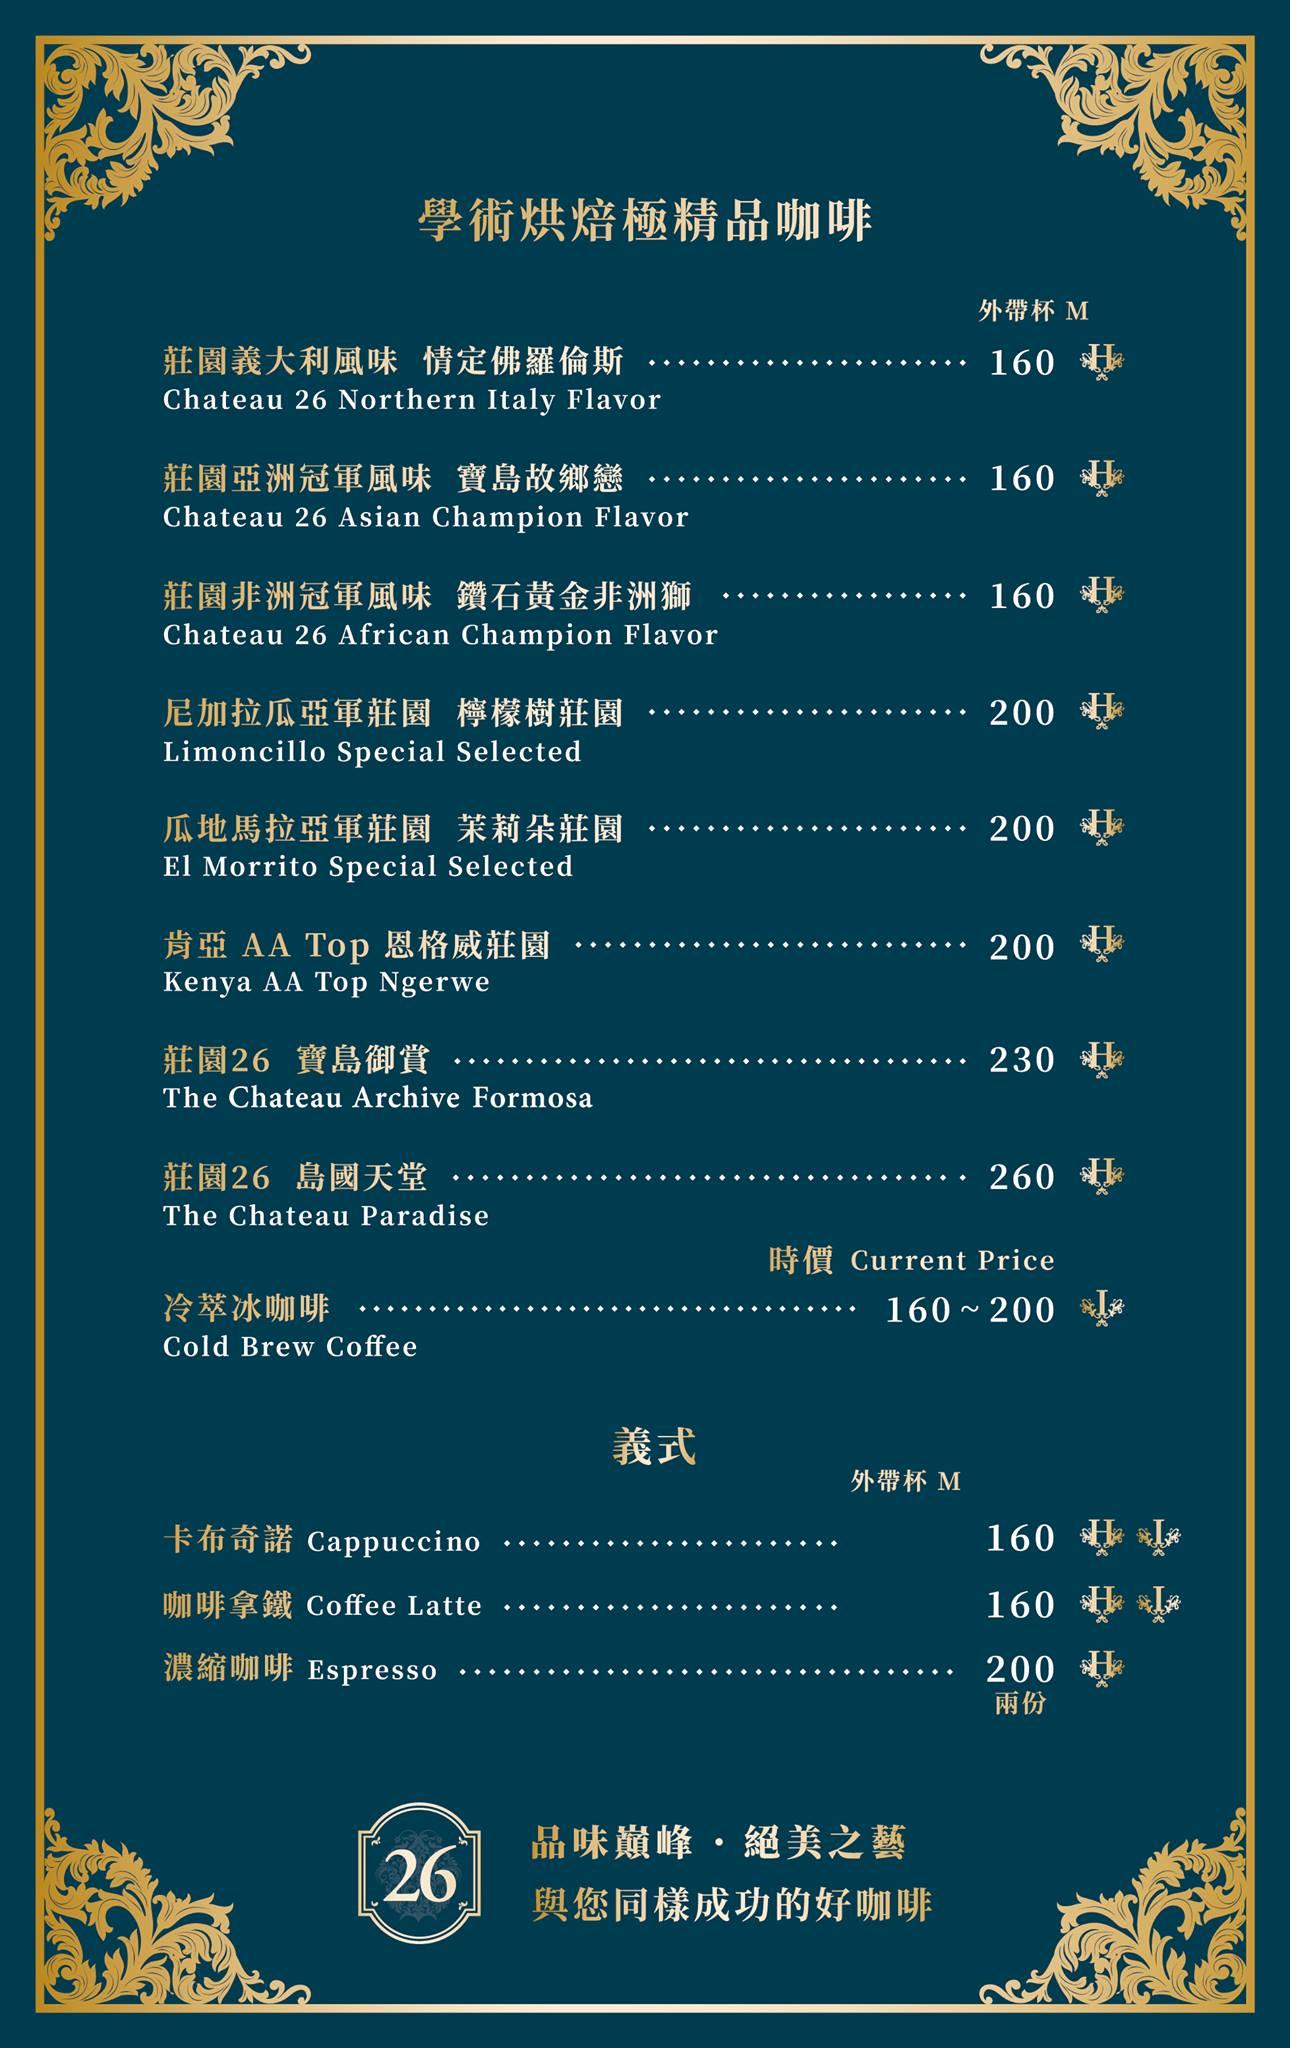 夏日秋瘋西拉雅。玩不一樣的台南|玉井吃冰節、關子嶺火王爺祭、二寮曙光音樂會